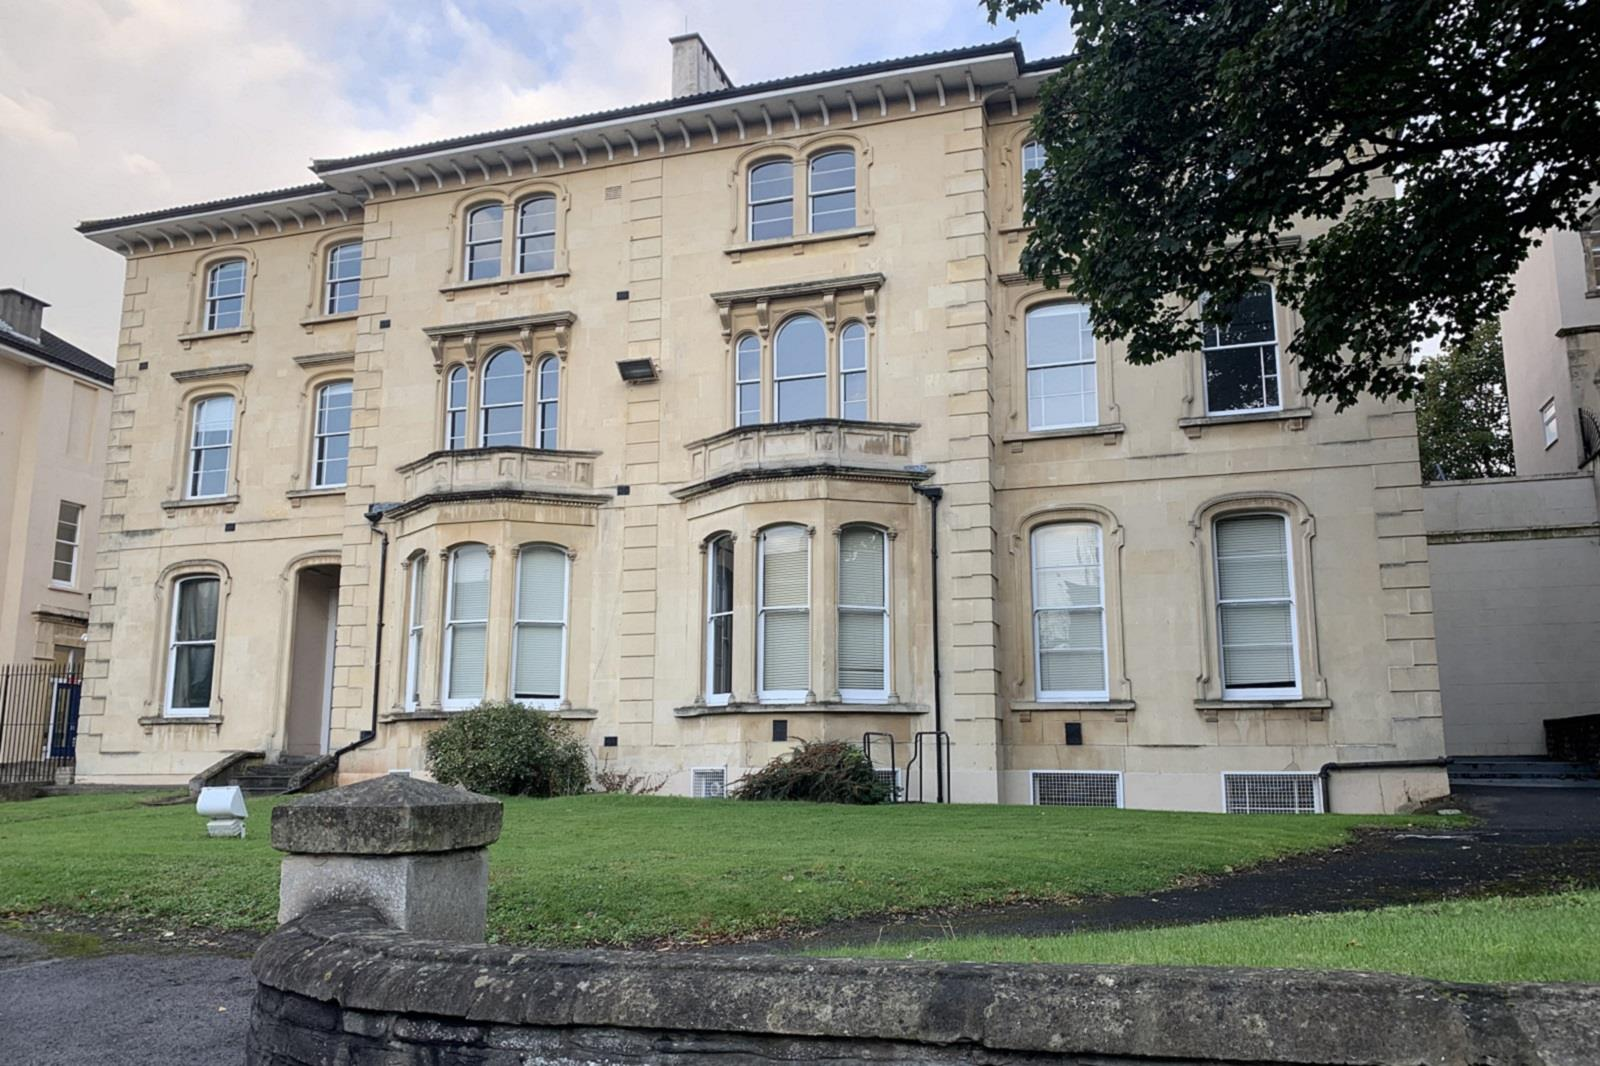 11 - 13 Tyndalls Park Road, Clifton, Bristol, City Of Bristol, BS8